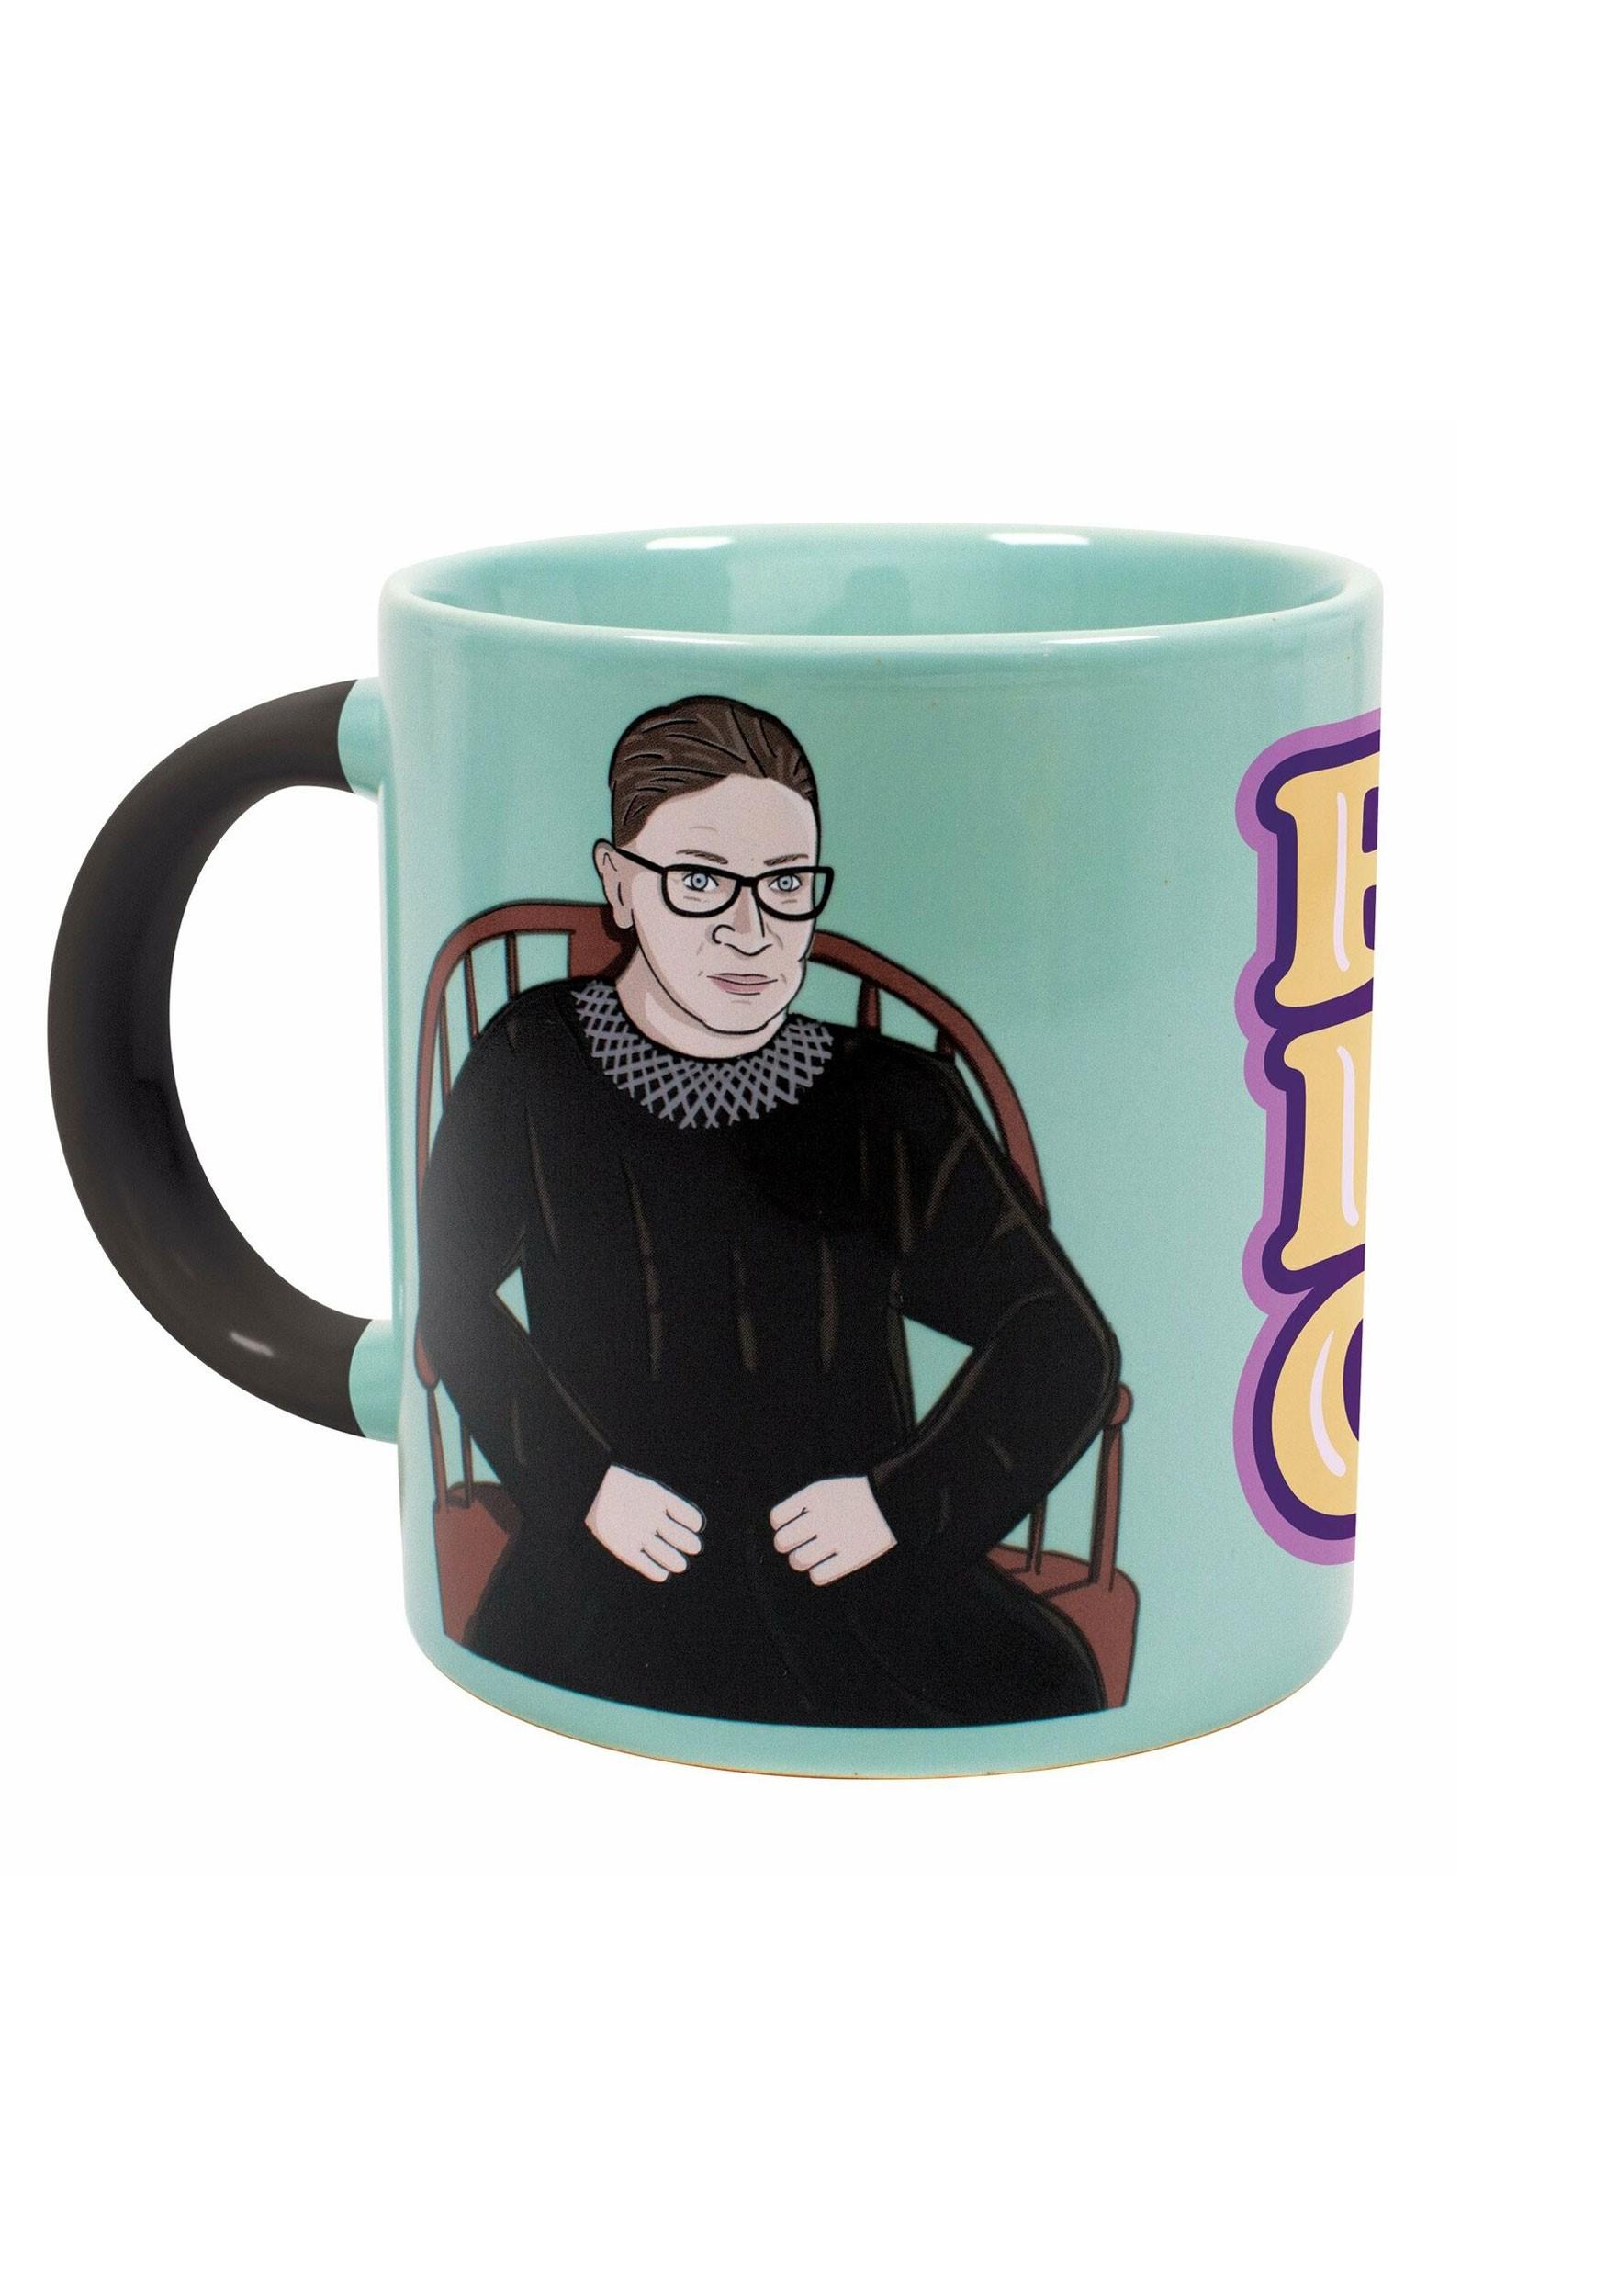 Heat Transforming Ruth Bader Ginsburg Mug